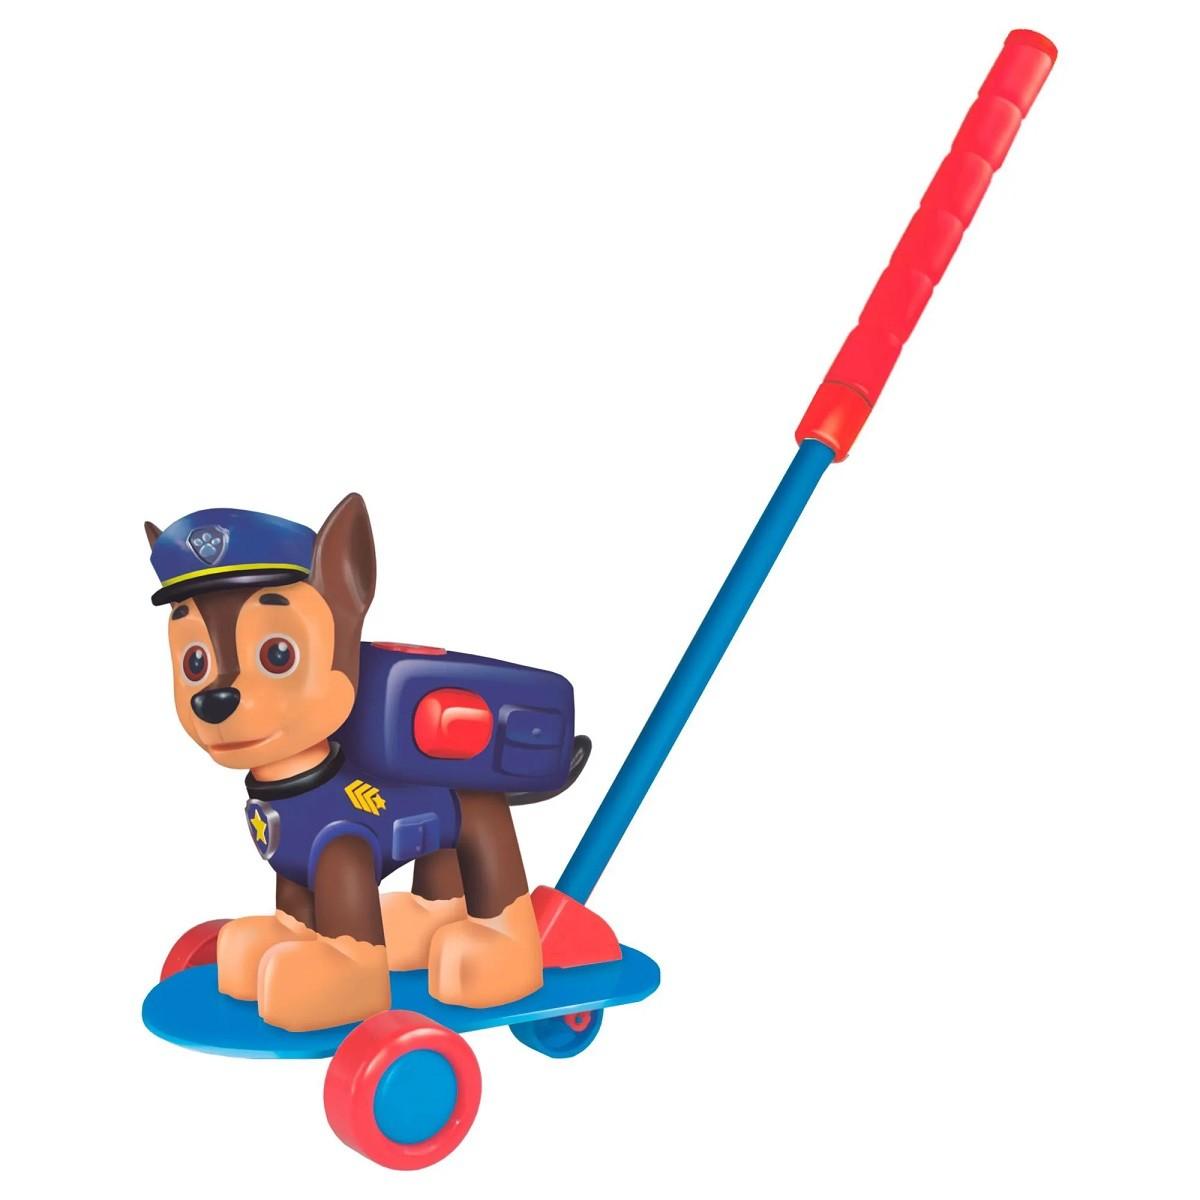 Brinquedo Infantil CHASE PATRULHA CANINA De Empurrar 625